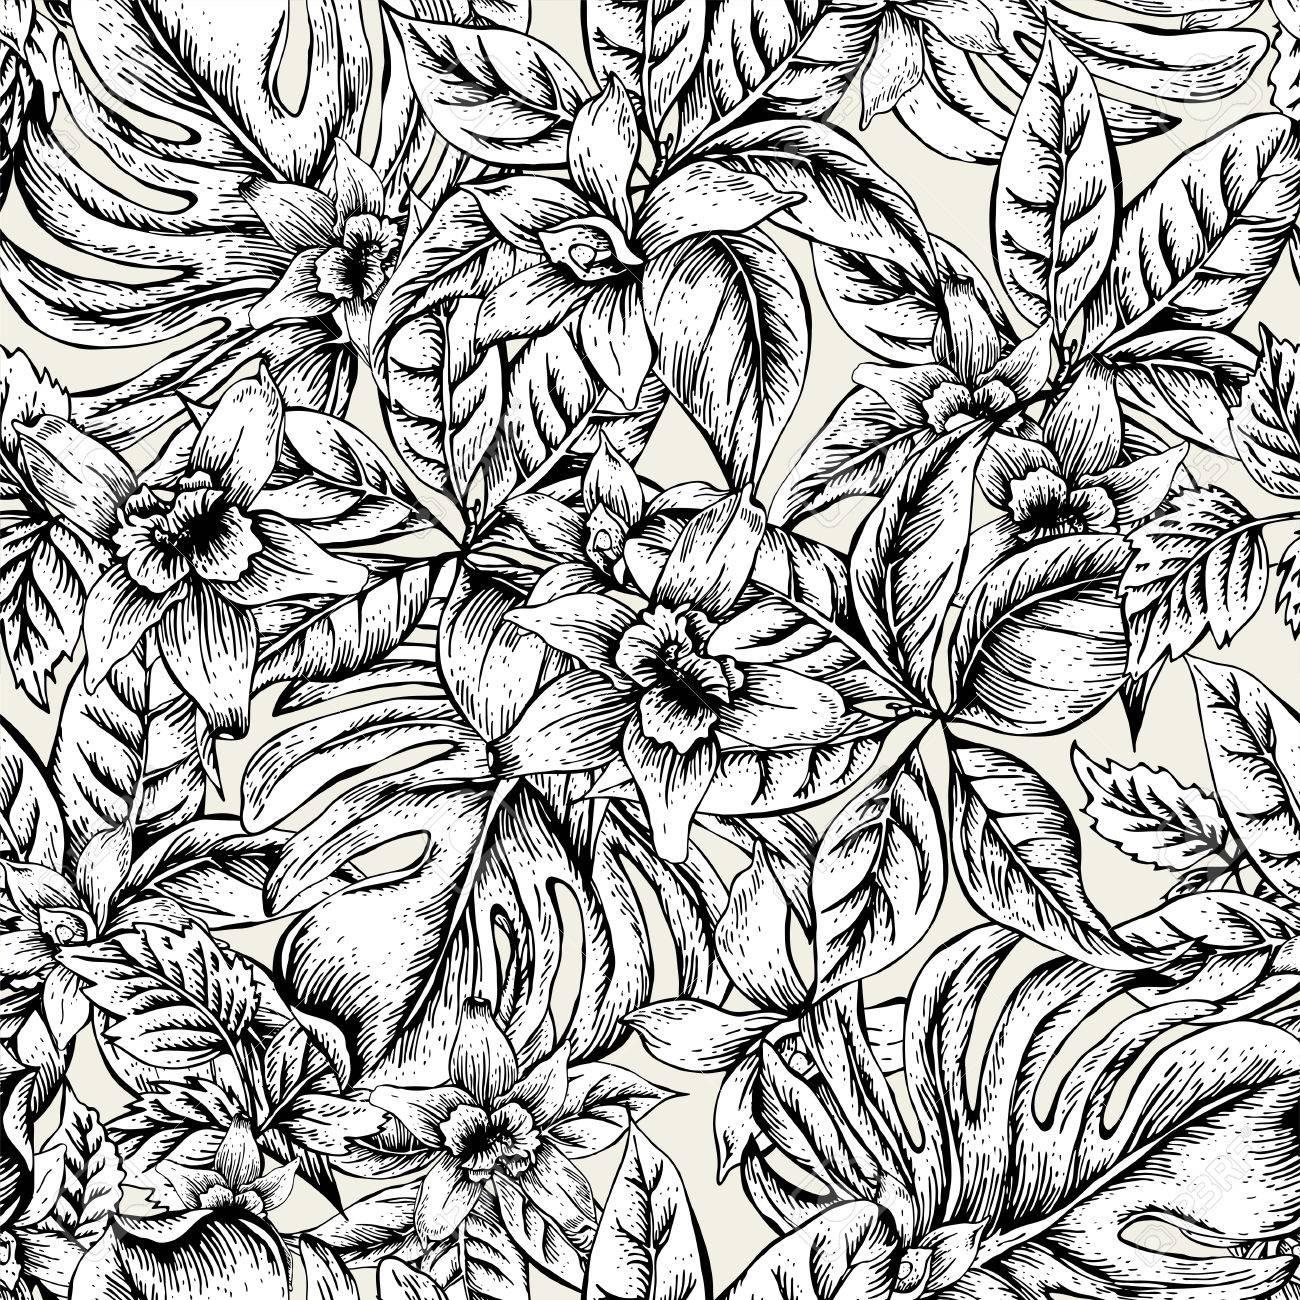 Flores Naturales Deja El Modelo Inconsutil Del Vector Exotico Flor De La Orquidea En Blanco Y Negro Negro Y Hojas Tropicales Blancas Ejemplo